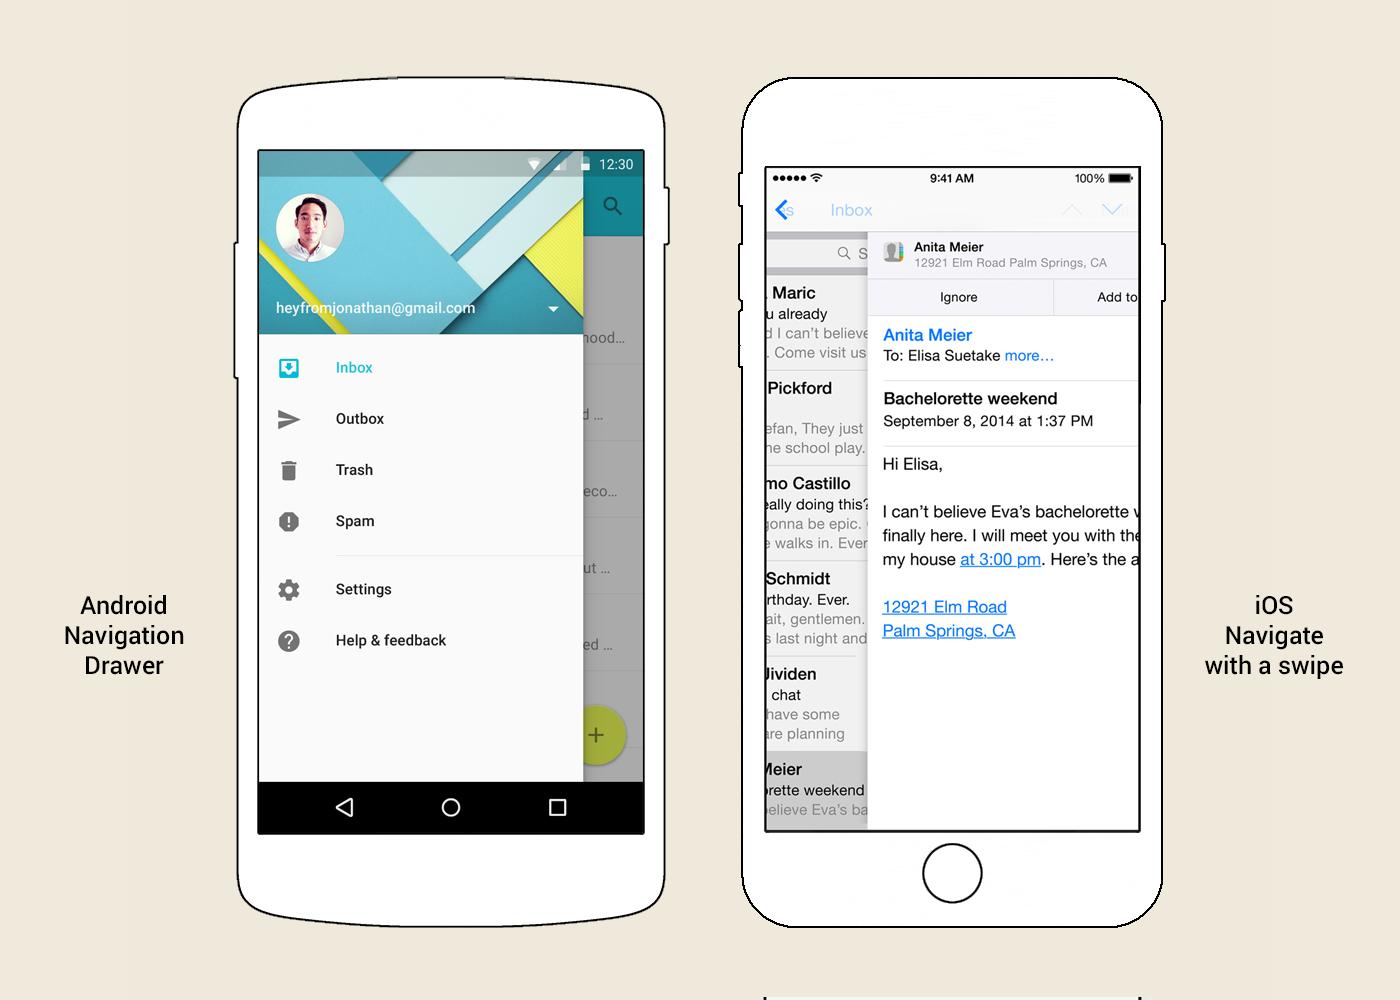 Das Seitenmenü (Hauptmenü) (Navigation Drawer) in Android und das Navigare mit einer Swipe-Funktion in iOS.